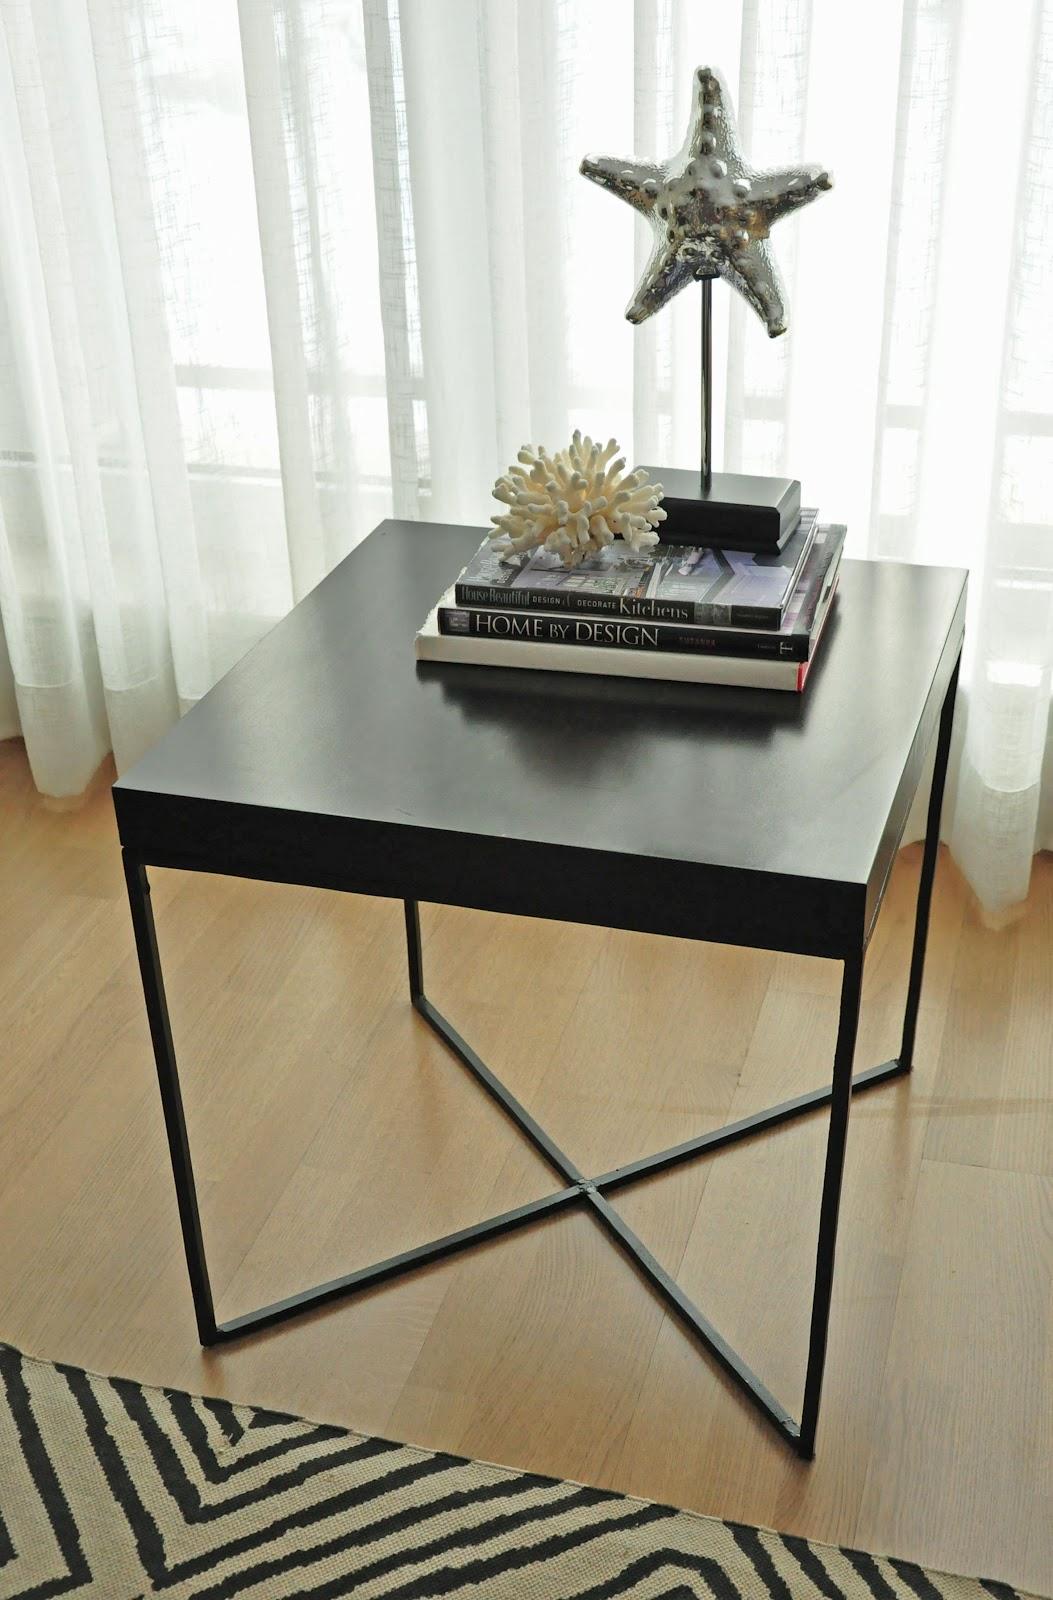 Diy ikea hack mesa auxiliar lack blog tienda - Ikea patas muebles ...